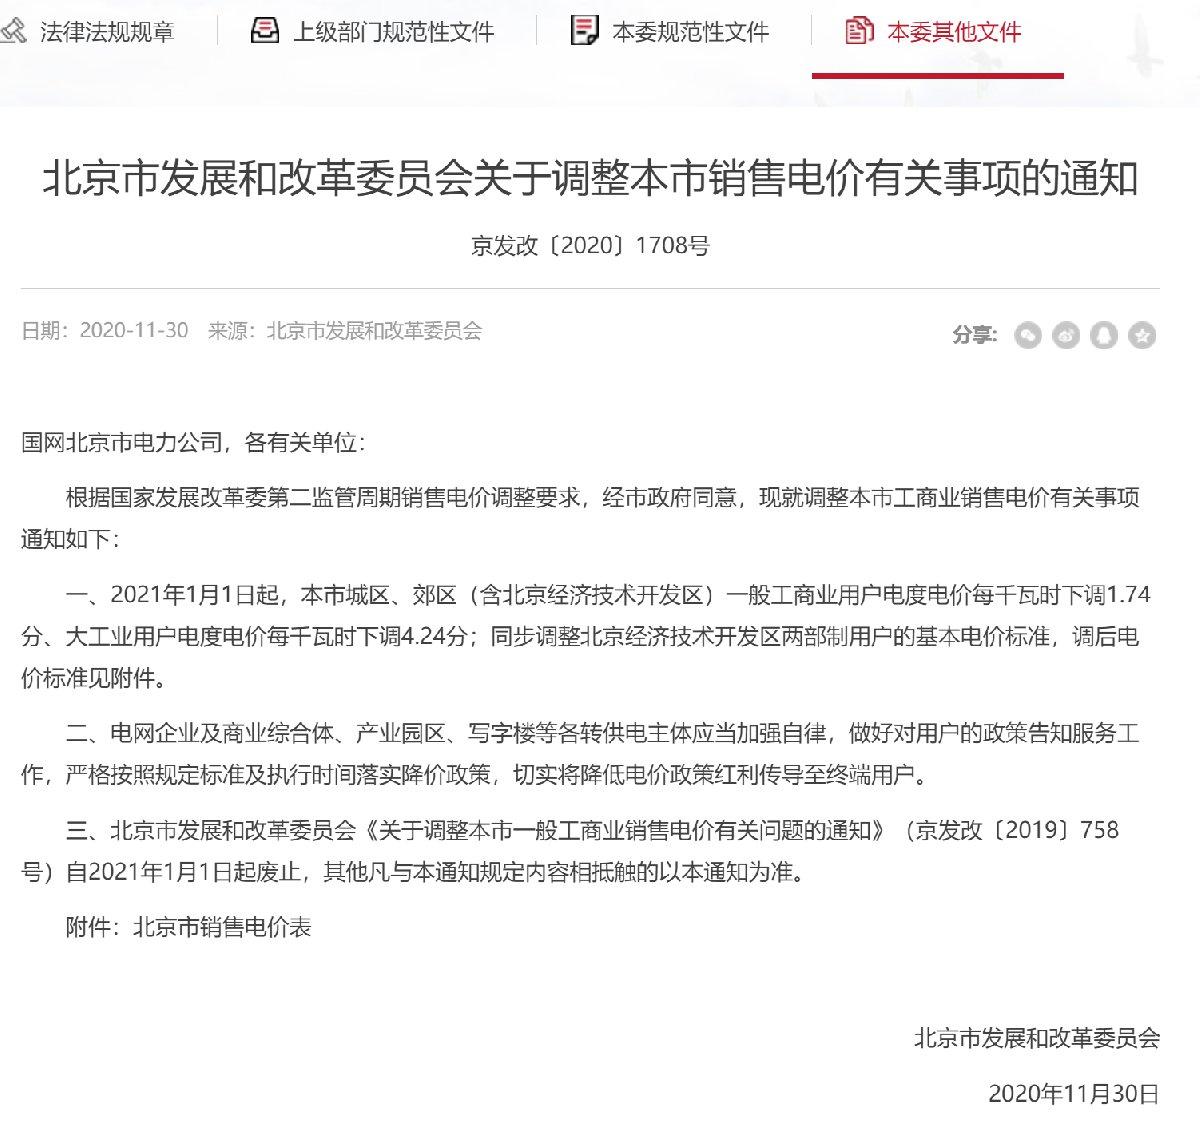 2021年1月1日起北京市郊區非居民銷售電價表